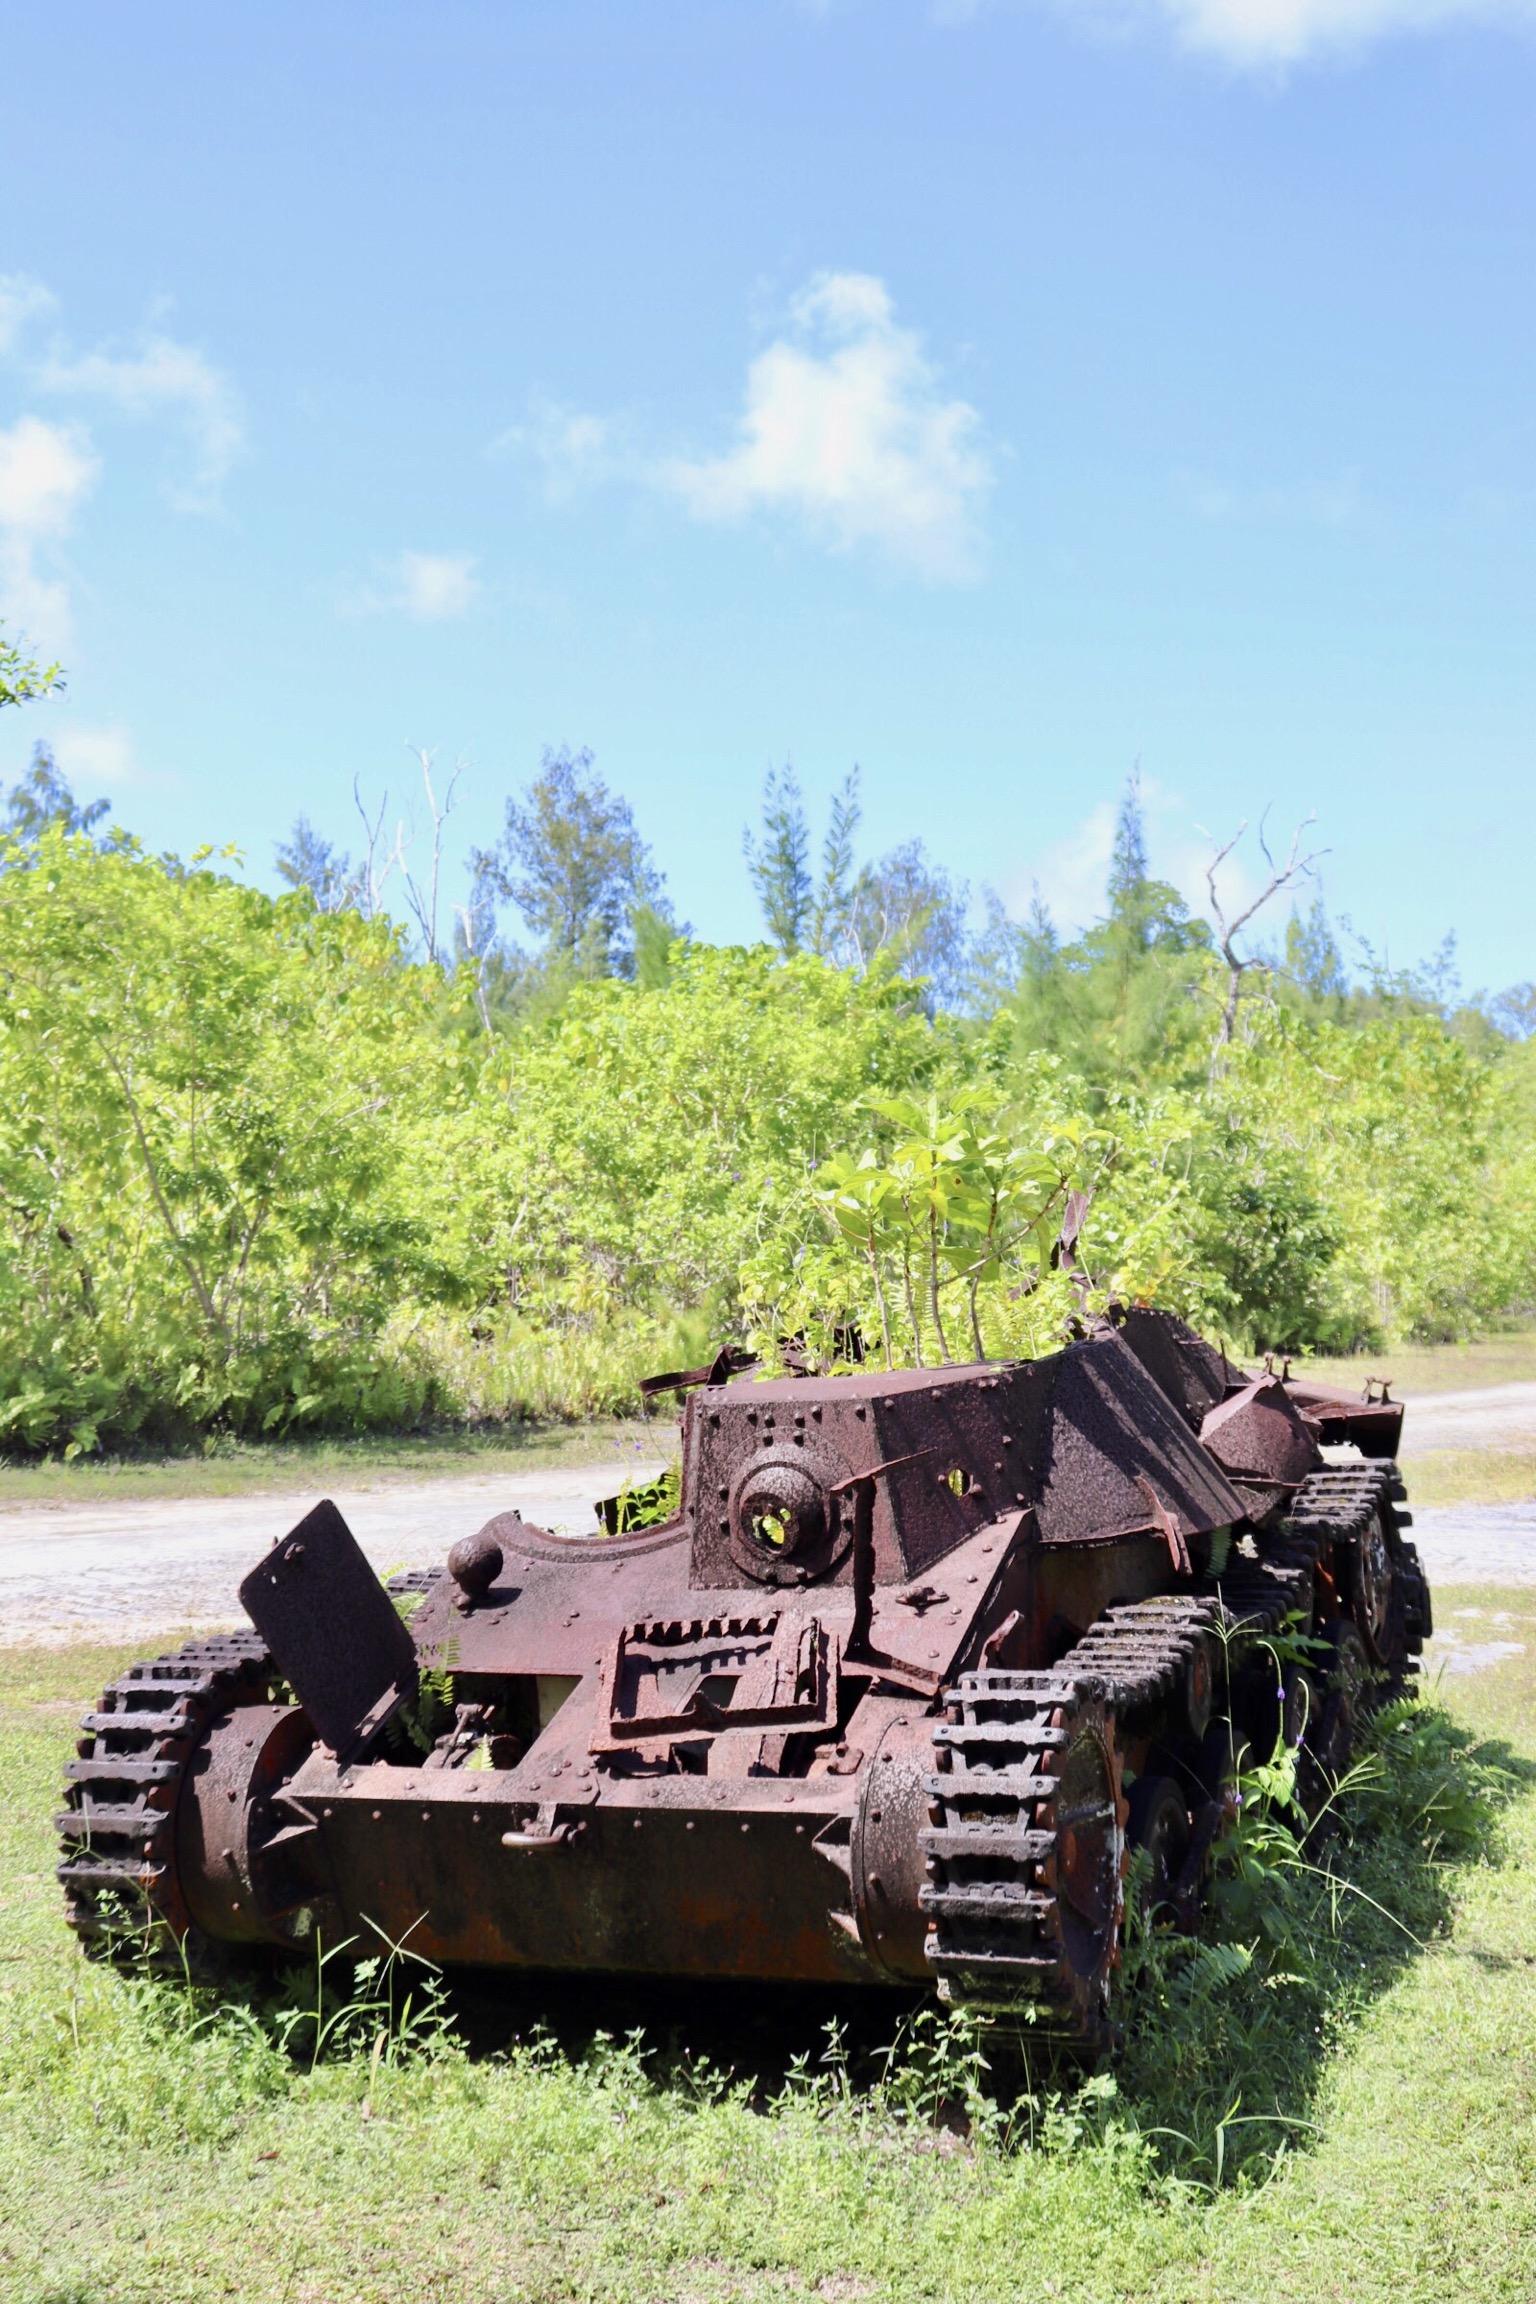 太平洋諸島に残る戦車の残骸